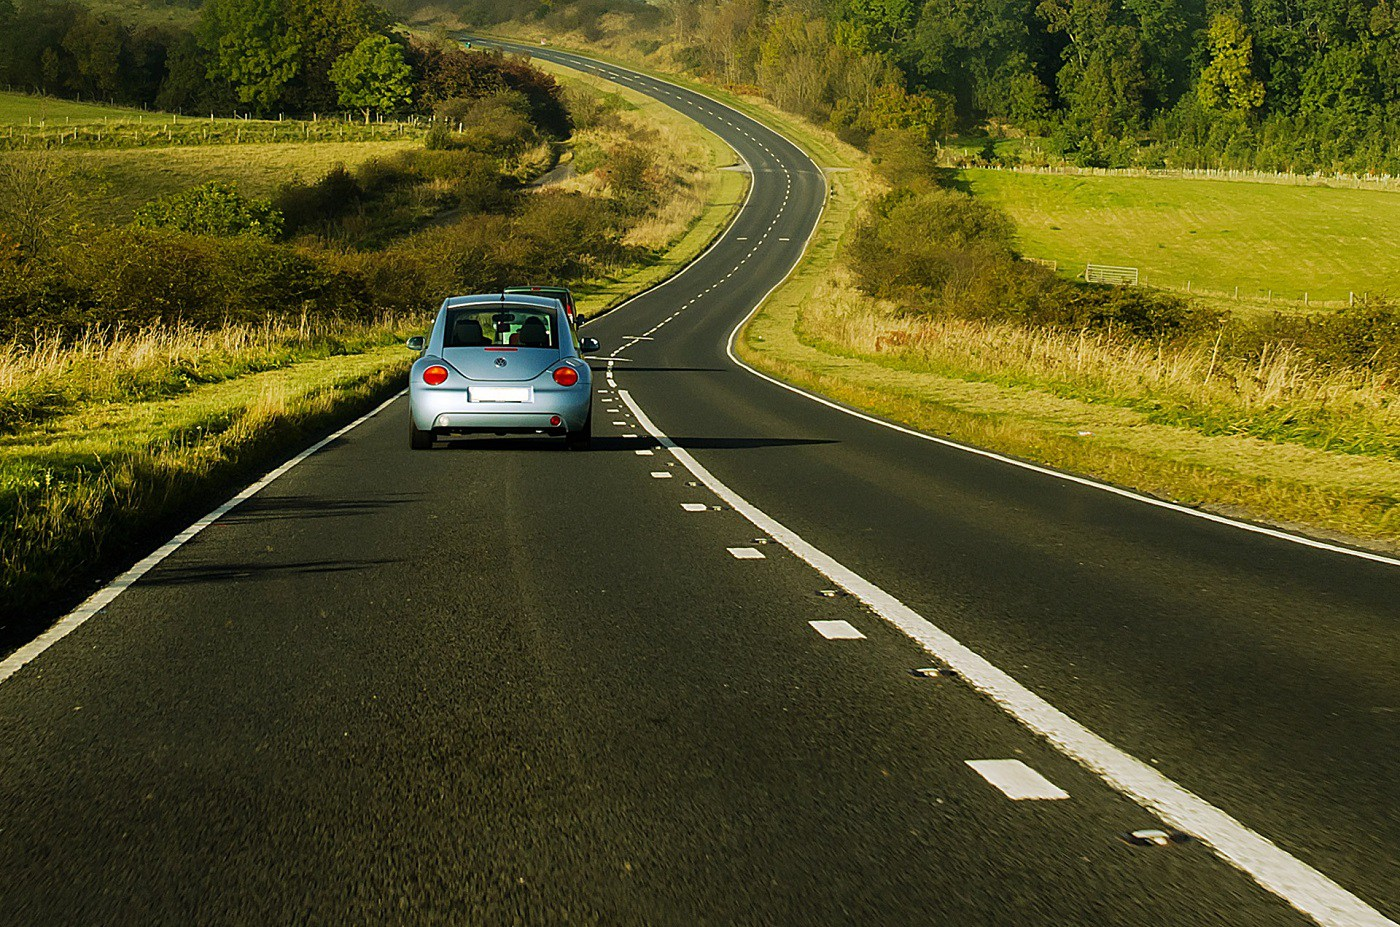 Guide voiture royaume uni pour conduire au Royaume Uni 1 - Guide voiture royaume uni pour conduire au Royaume-Uni